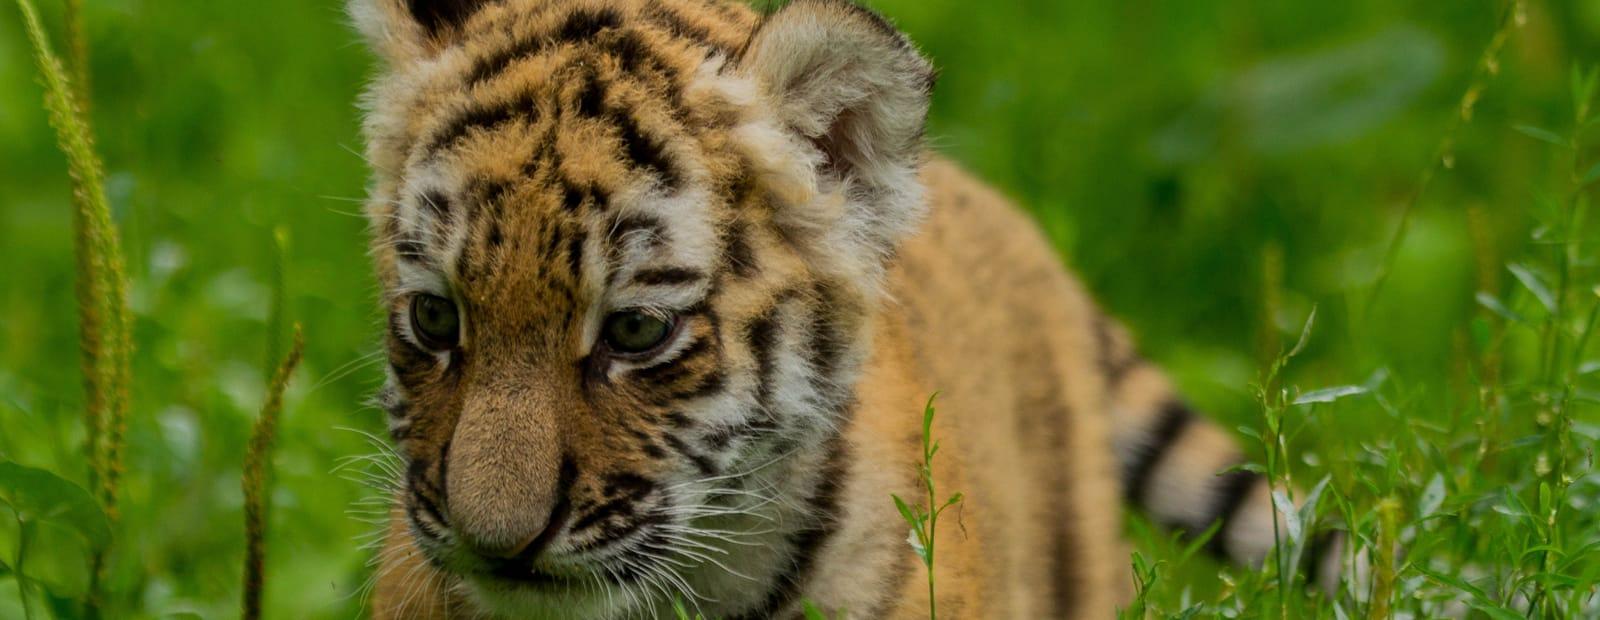 Tiger Nachwuchs im Magdeburger Zoo